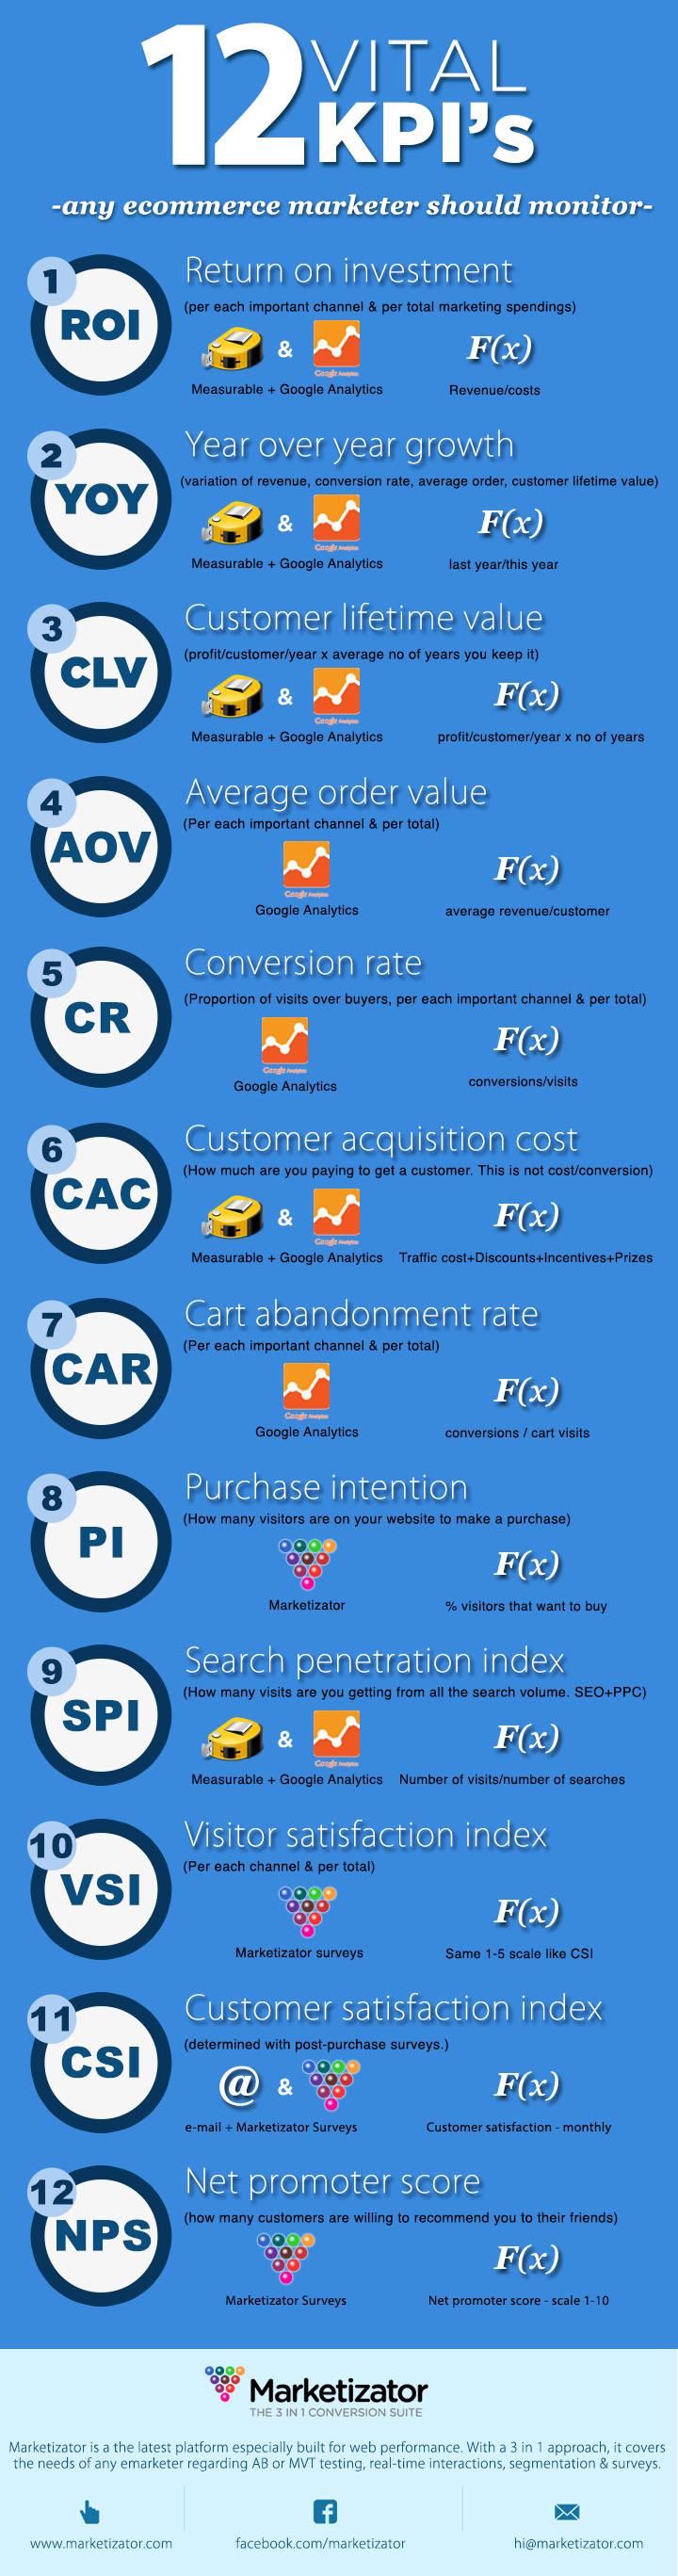 12 KPI's vitales en Comercio Electrónico